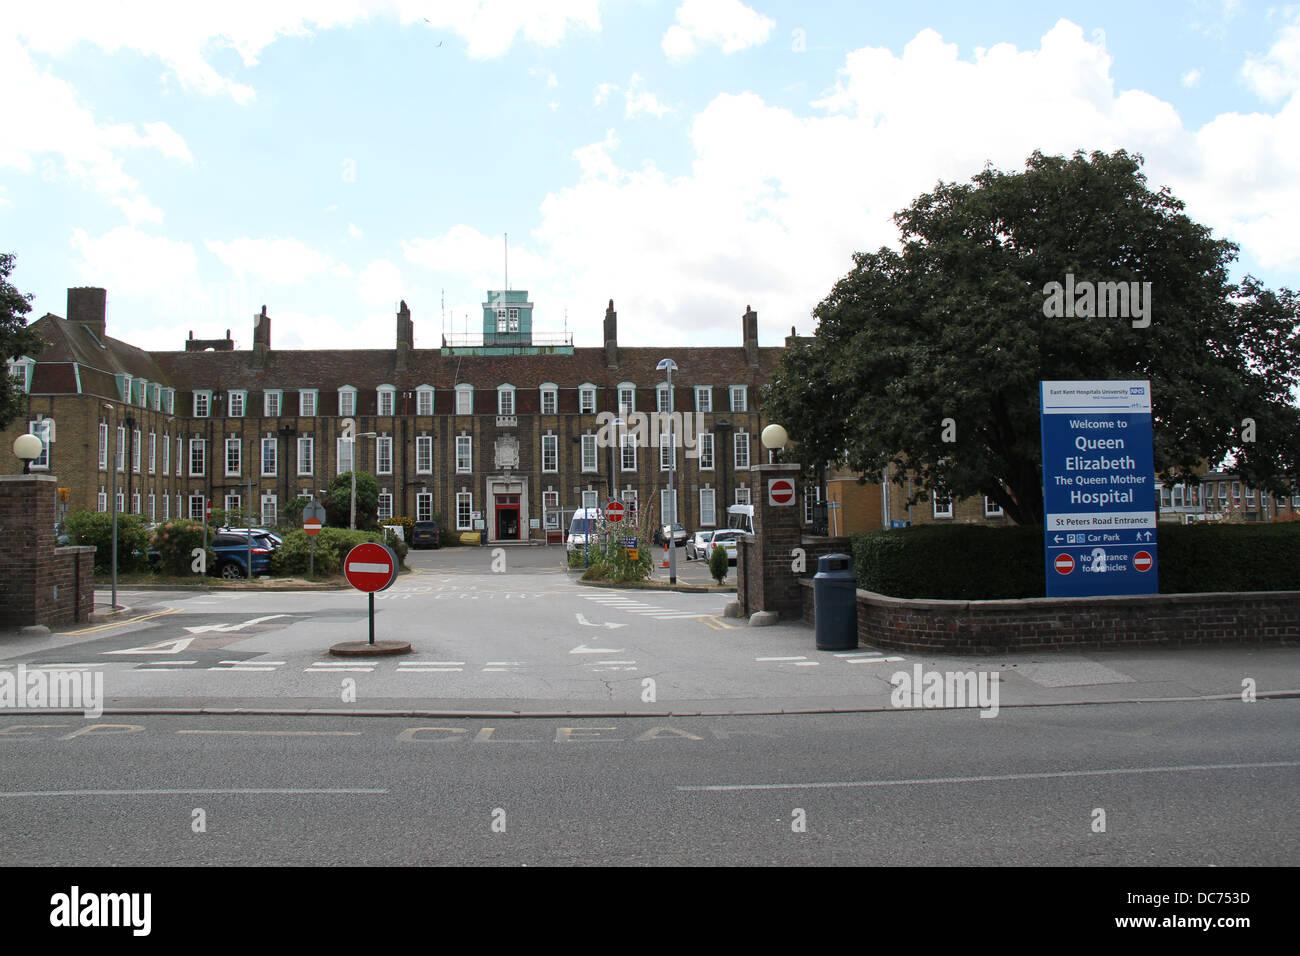 Queen Elizabeth The Queen Mother Hospital in Margate, Kent. - Stock Image